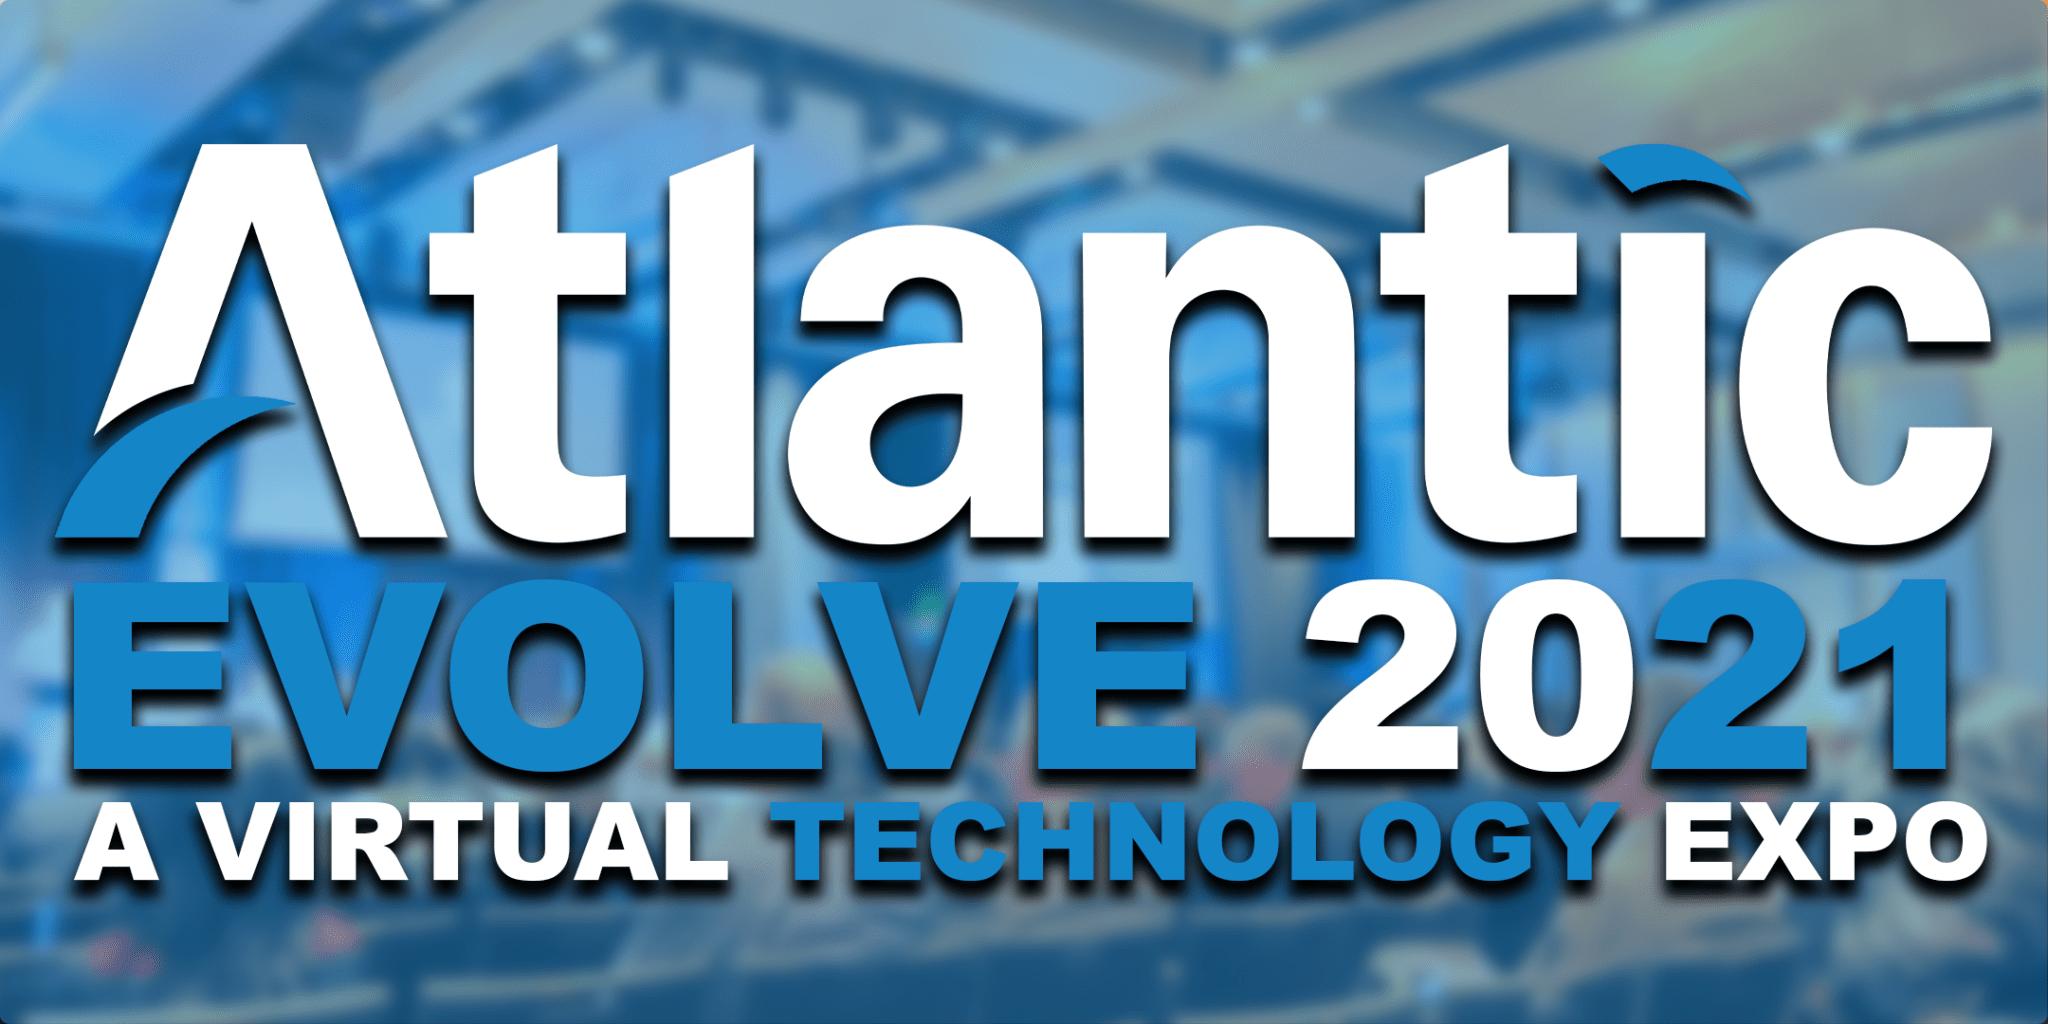 Atlantic Evolve 2021 Logo